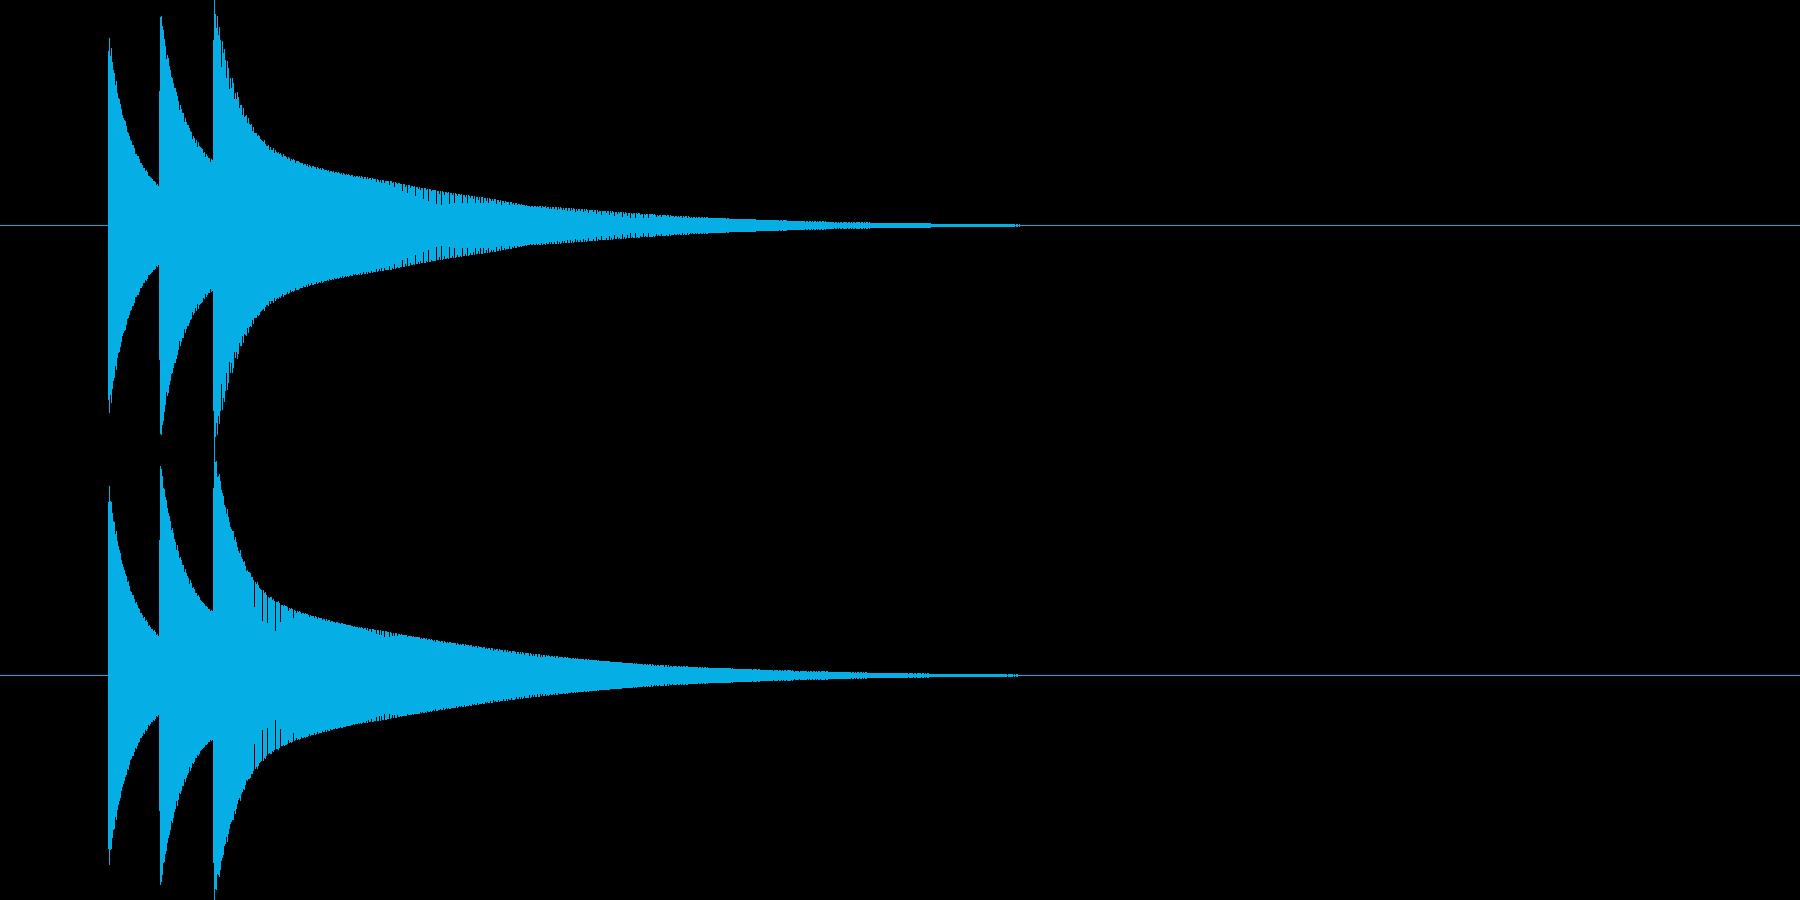 ピコーン(ファミコン ゲーム音)の再生済みの波形